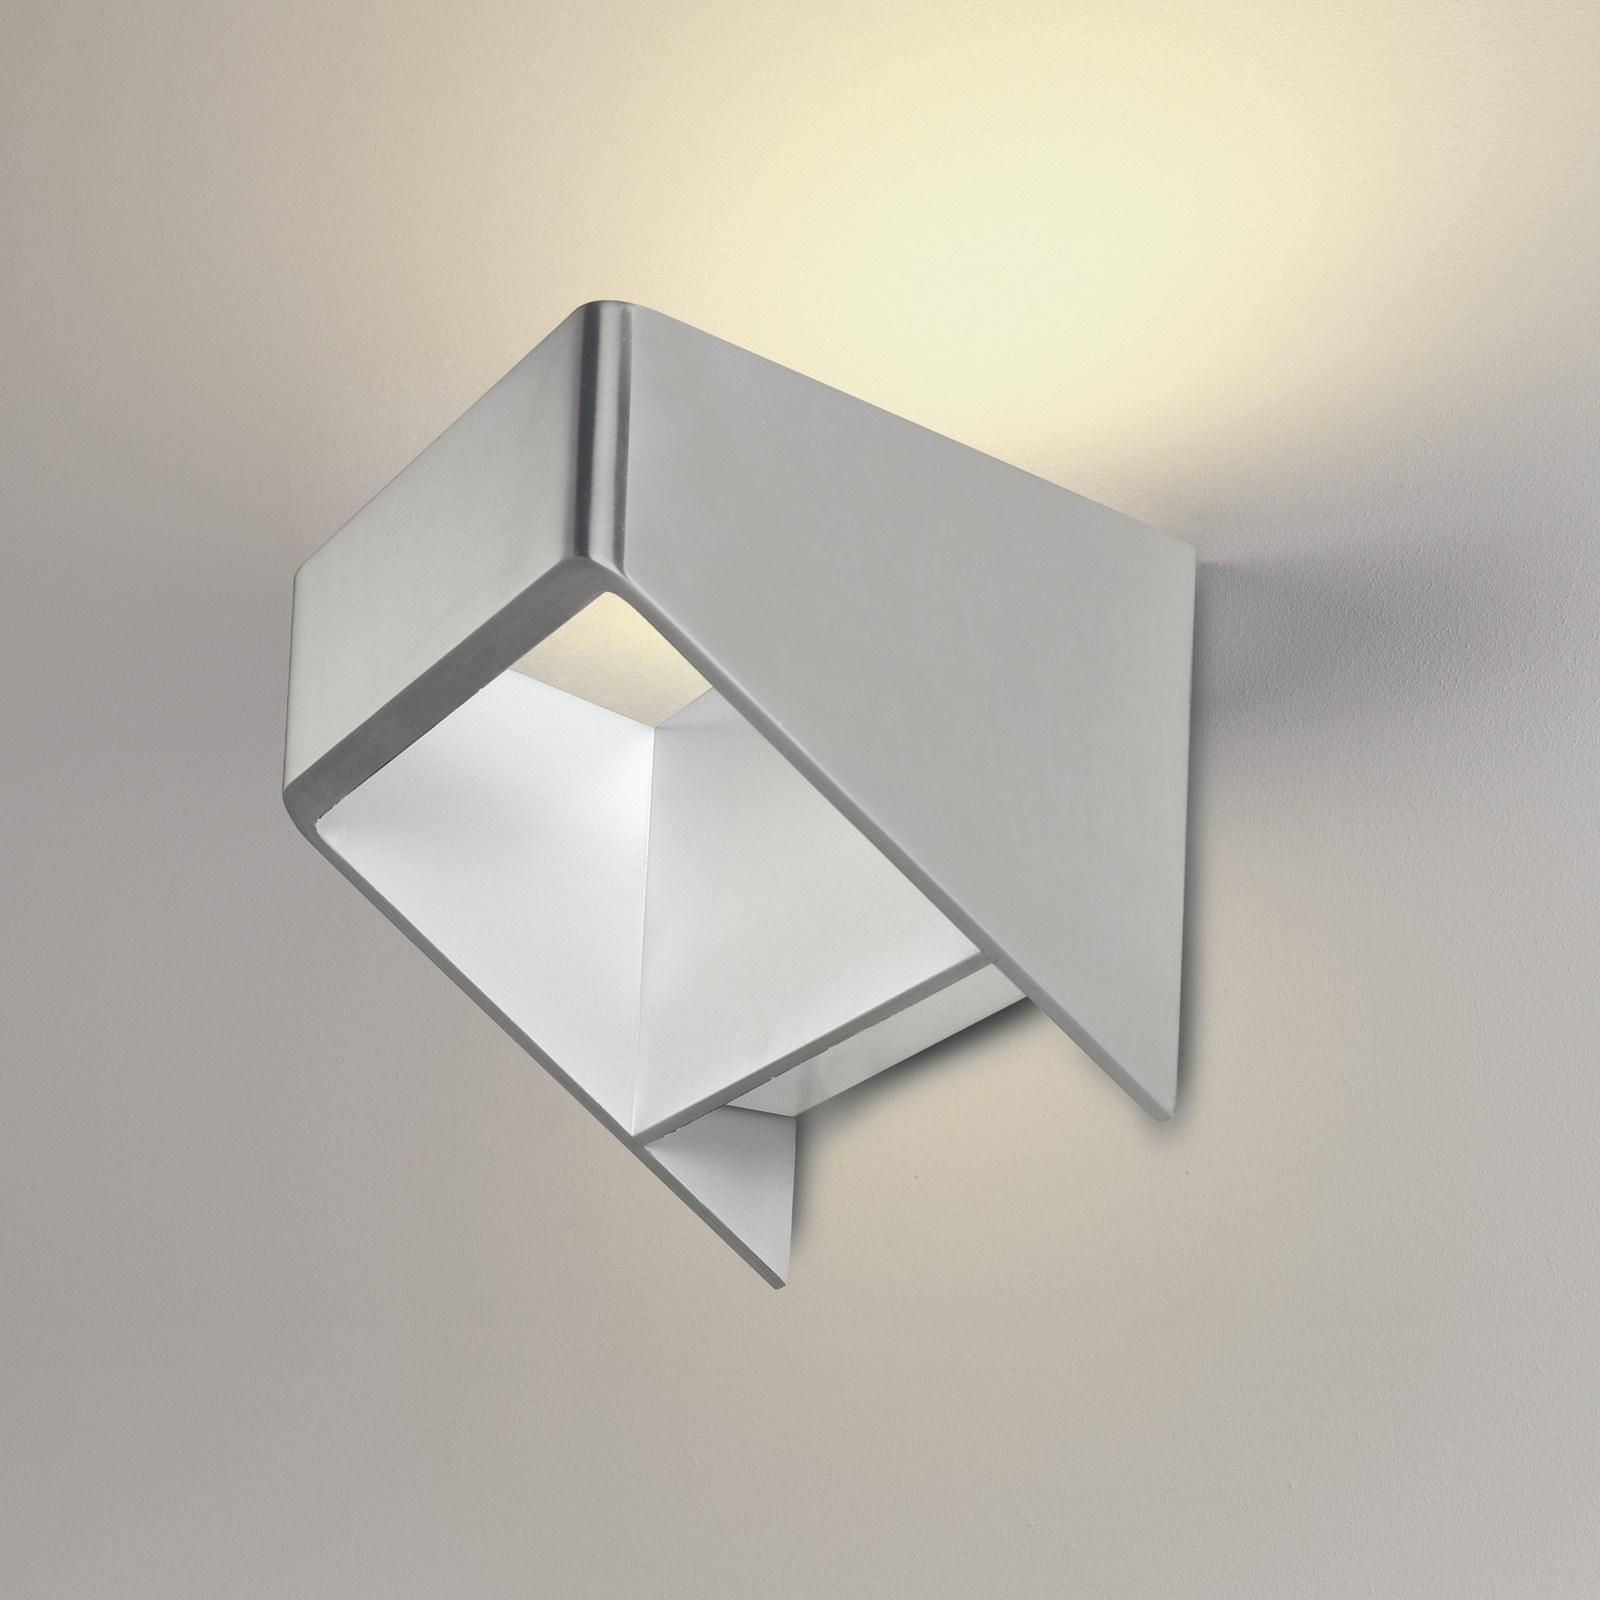 Lampade muro per interni: valastro lithing illuminazione   lampade ...